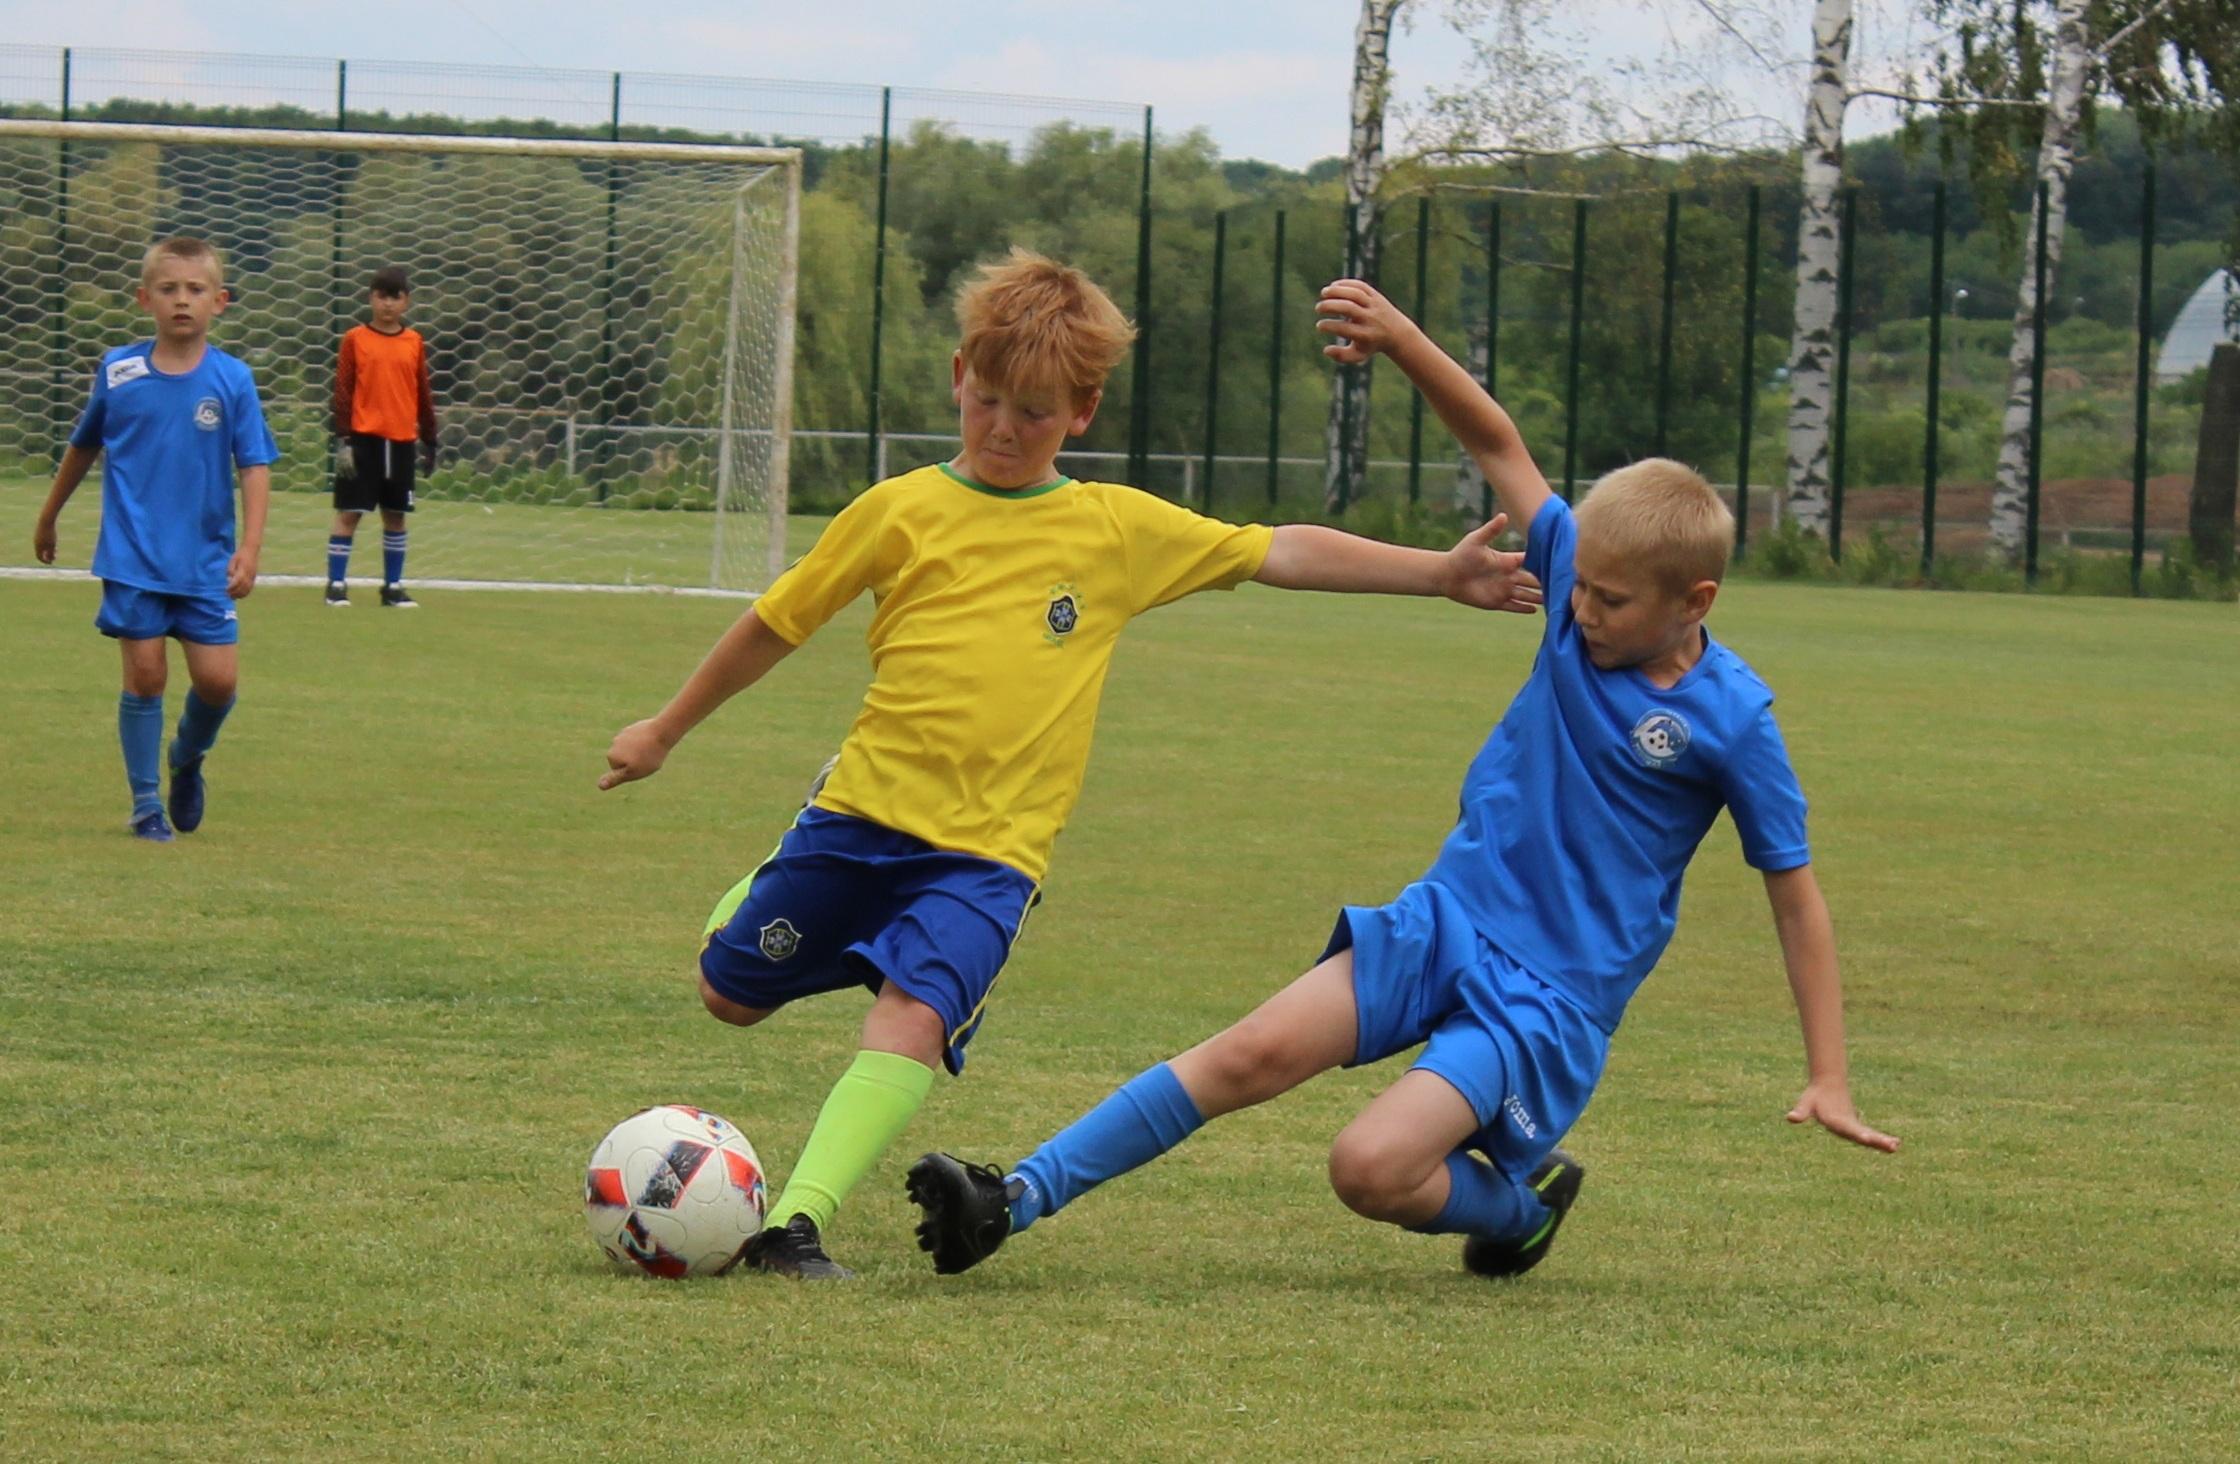 Фотозвіт дитячого турніру на призи групи компаній LNZ